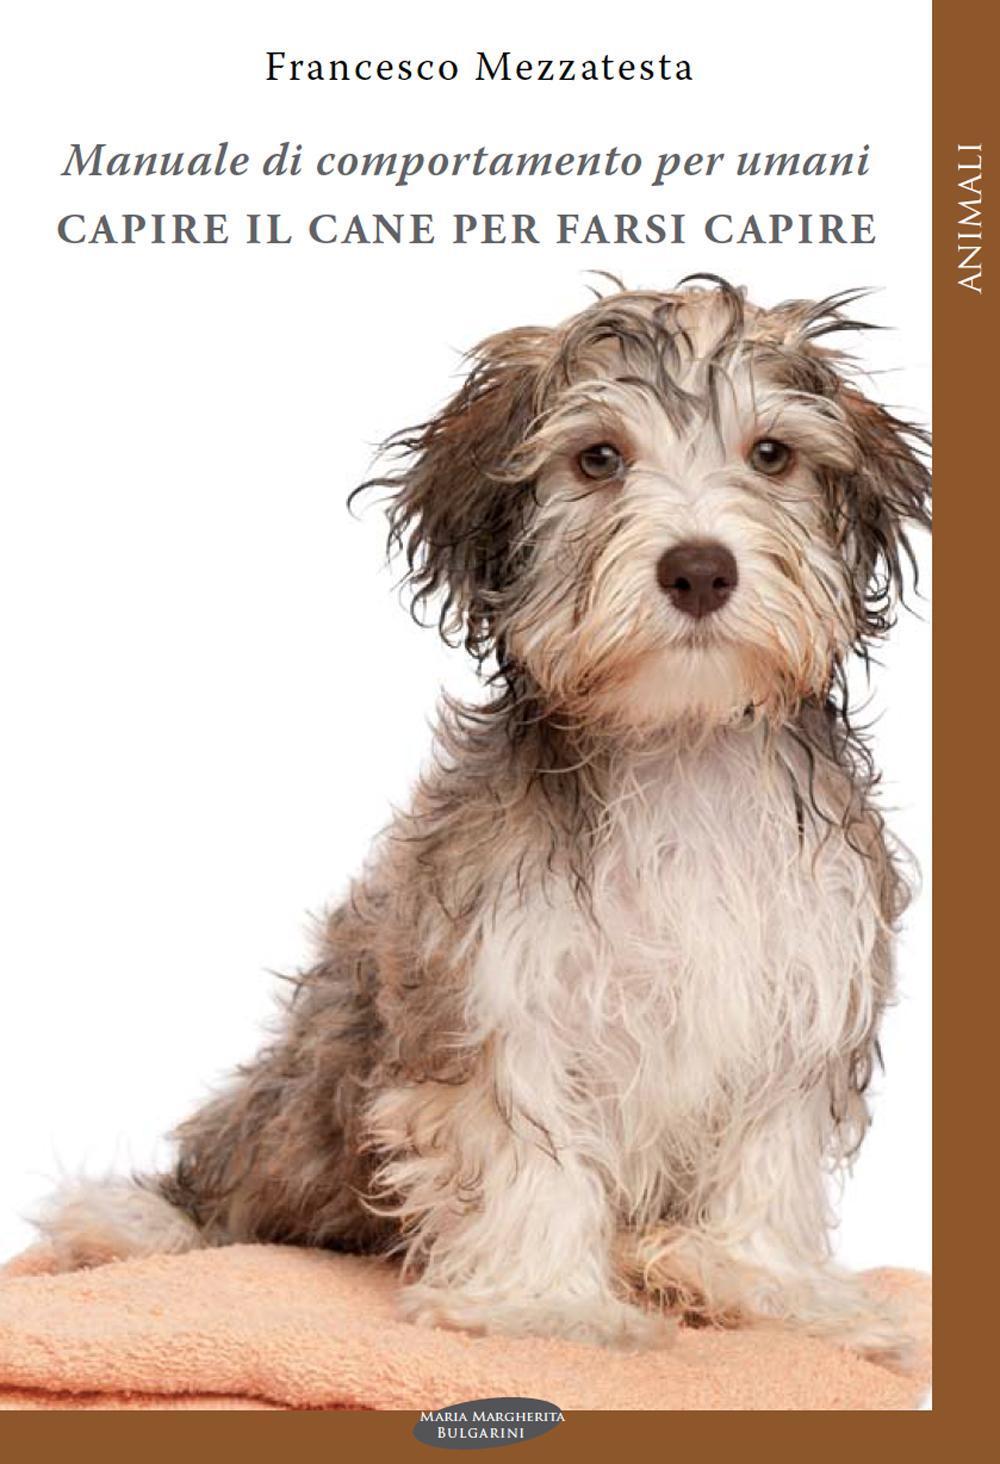 Capire il cane per farsi ca...